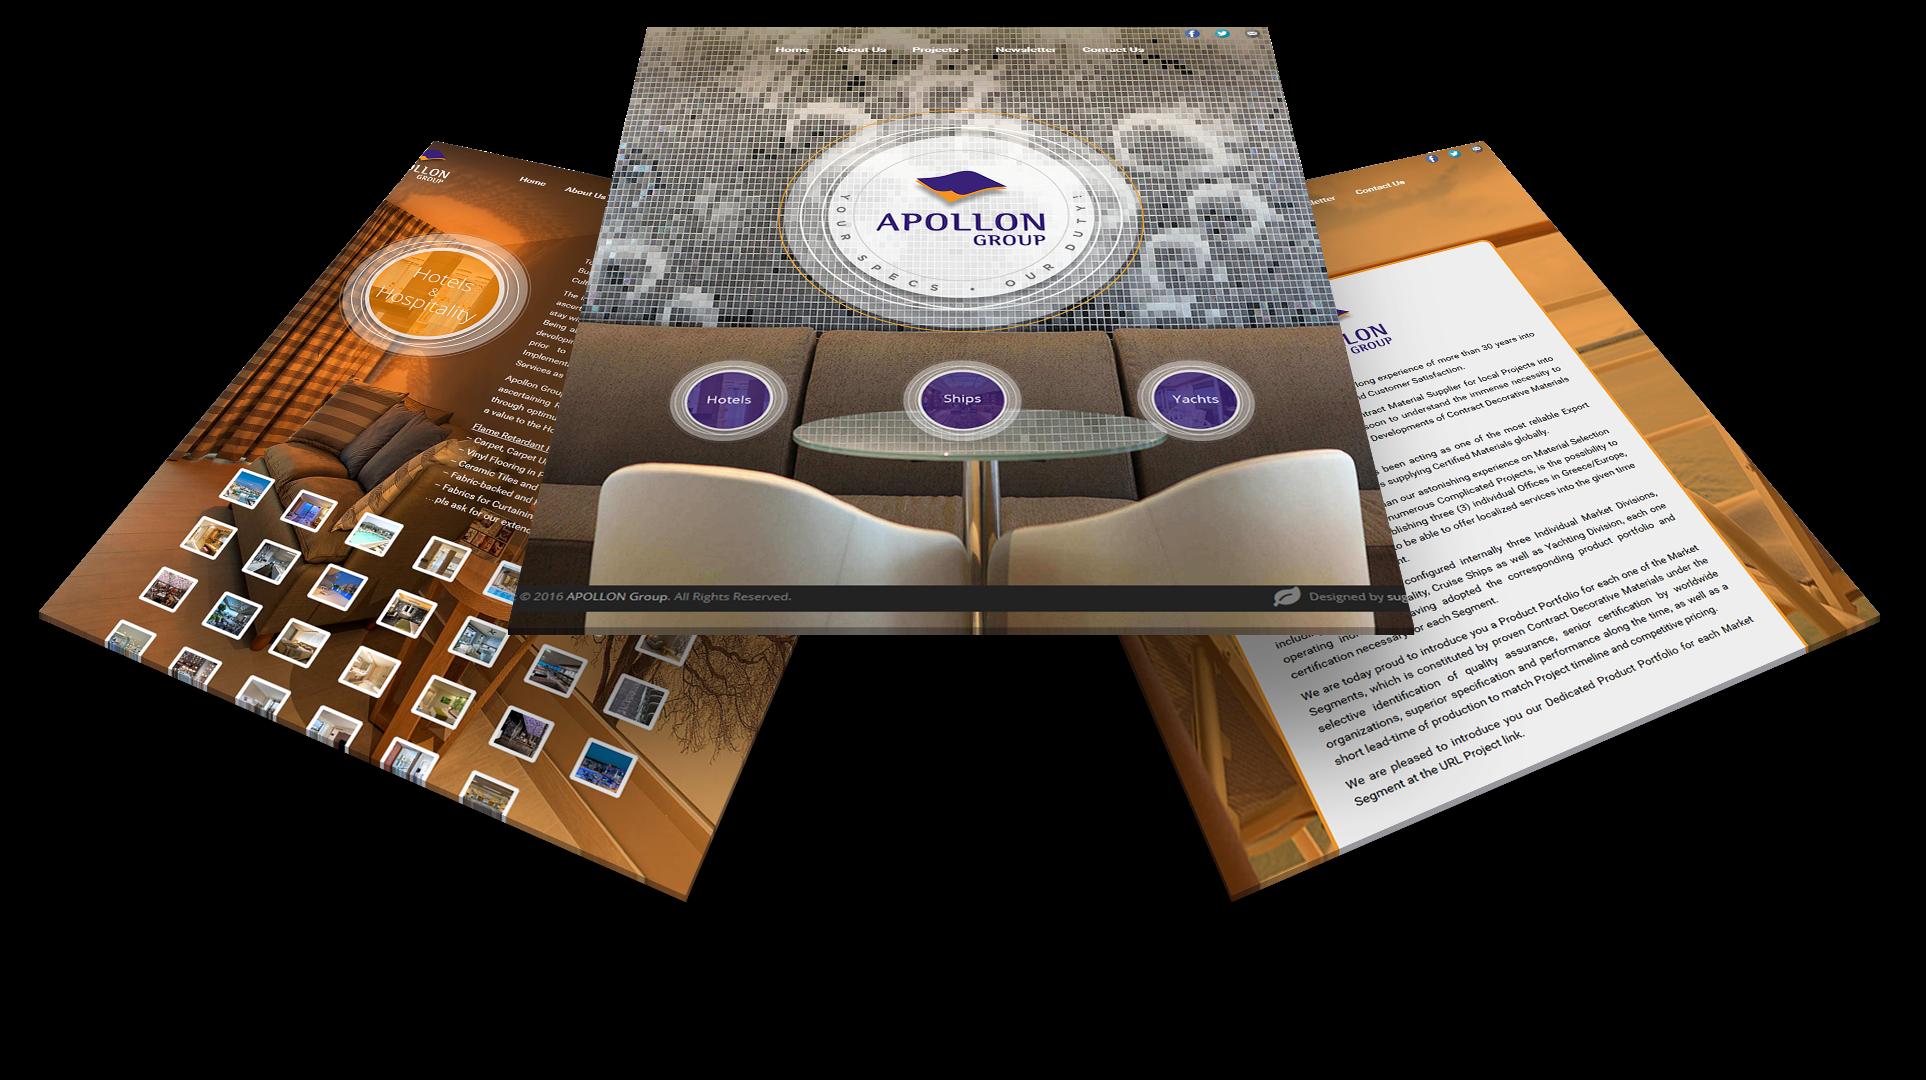 appollon κατασκευή ιστοσελίδας δειγμα